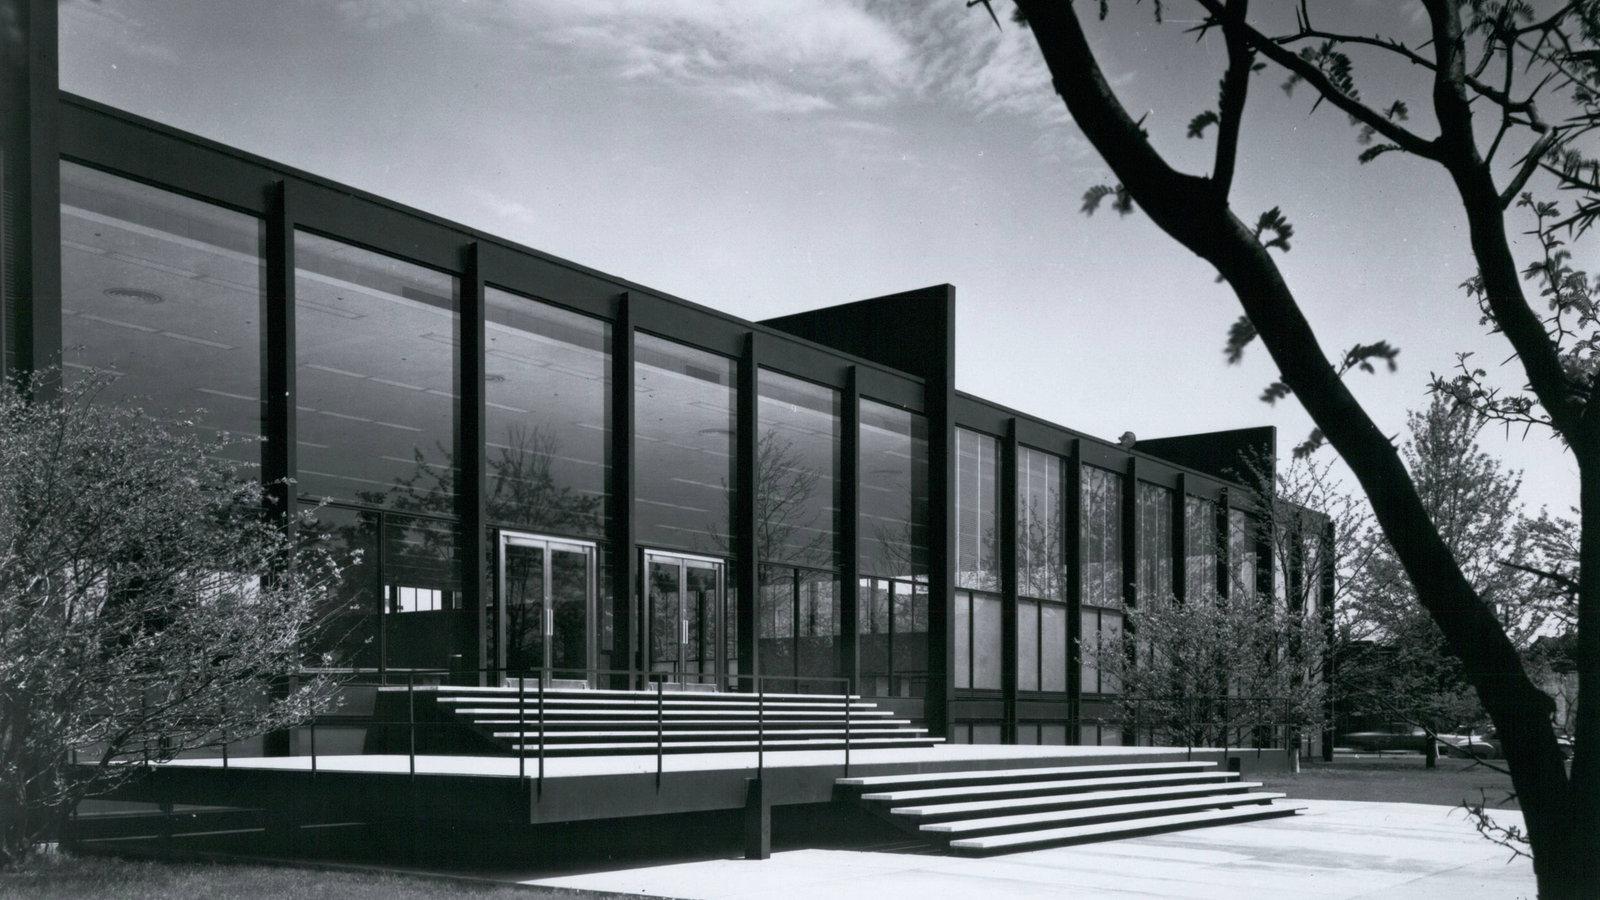 Architektur bauhaus architektur kultur planet wissen - Bauhausstil architektur ...